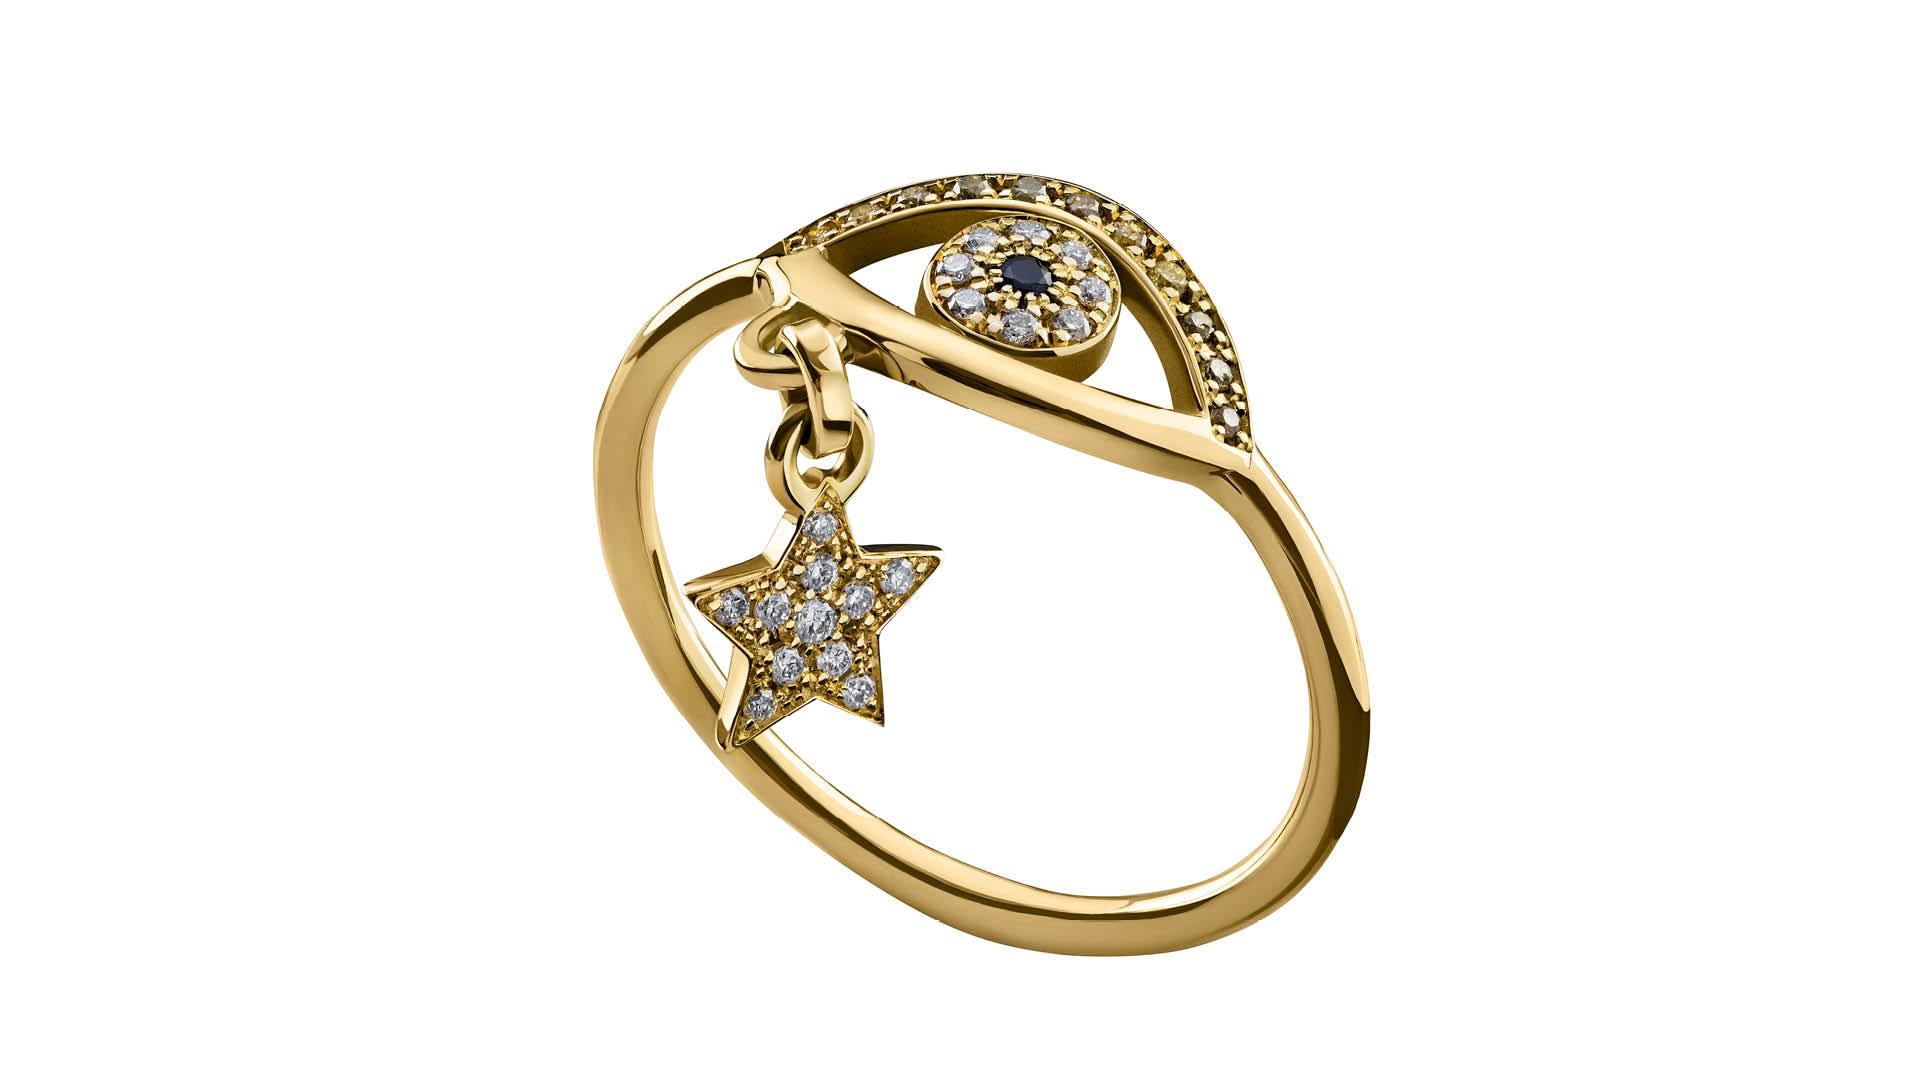 Azza-Fahmy-Gypsy-Gold-Eye-Ring